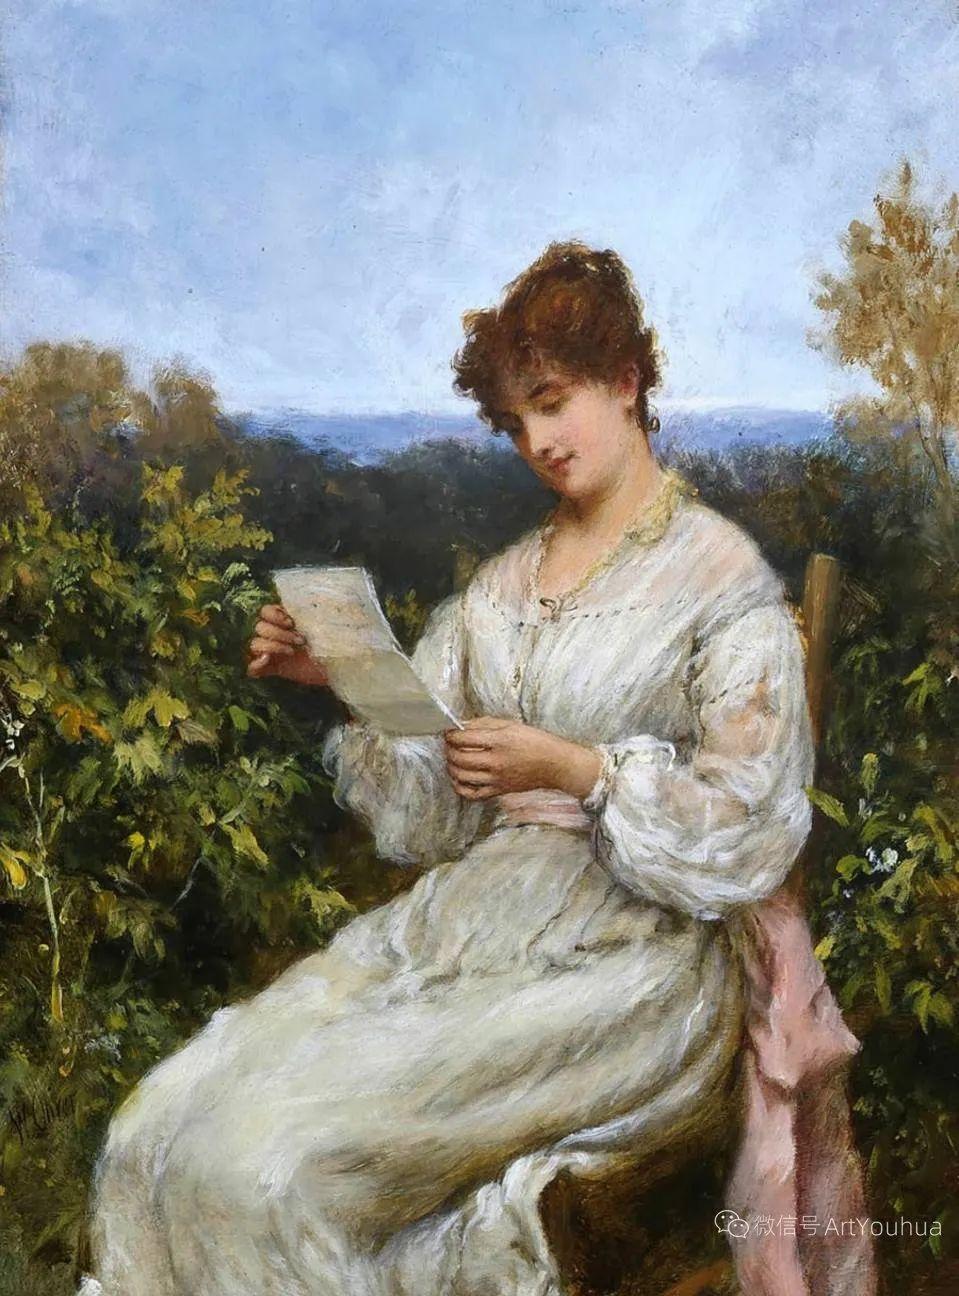 纯情与美丽,英国画家威廉·奥利弗作品选插图41